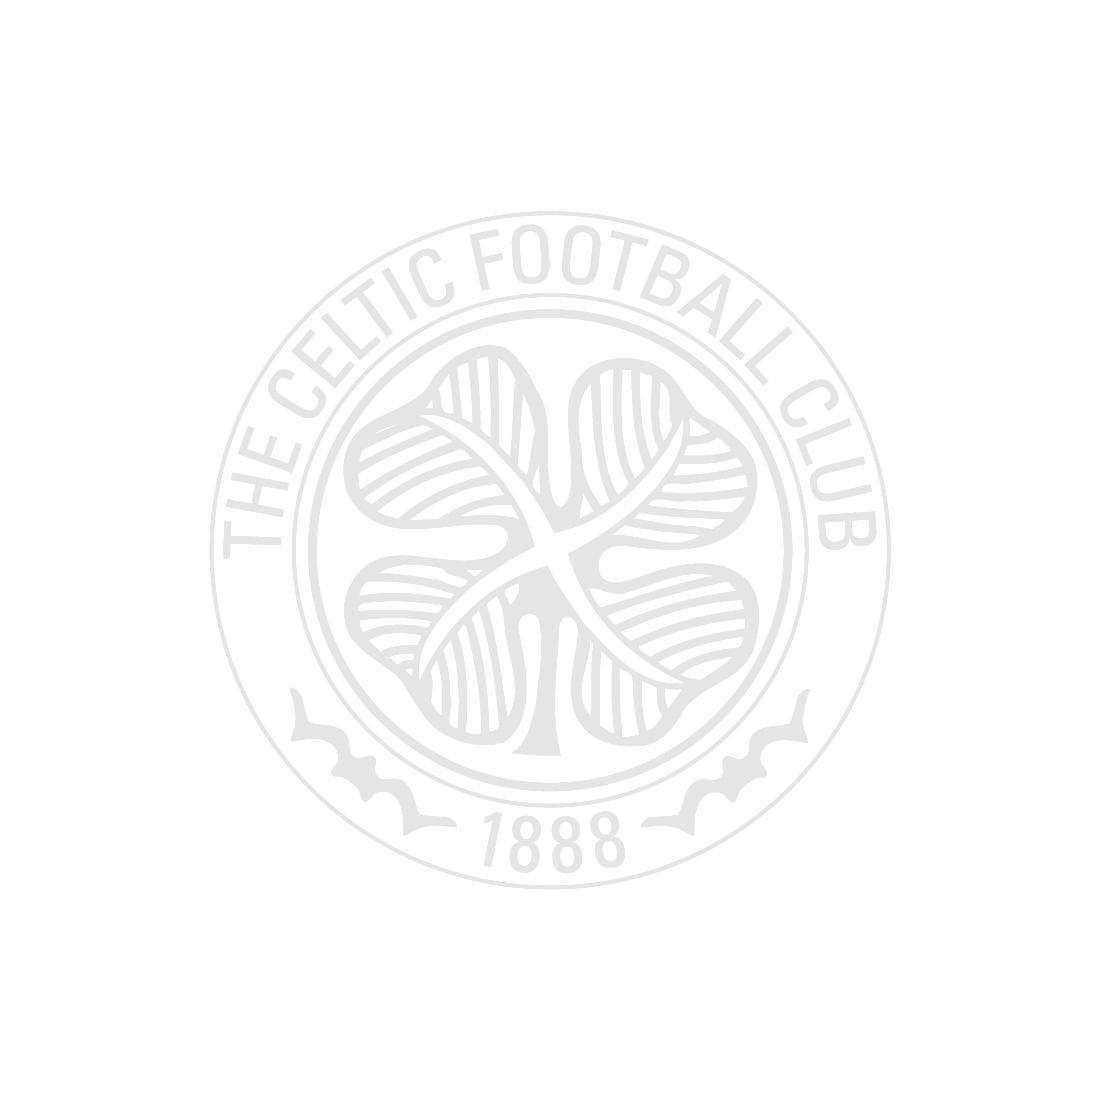 Celtic Junior Presentation Jacket - Black